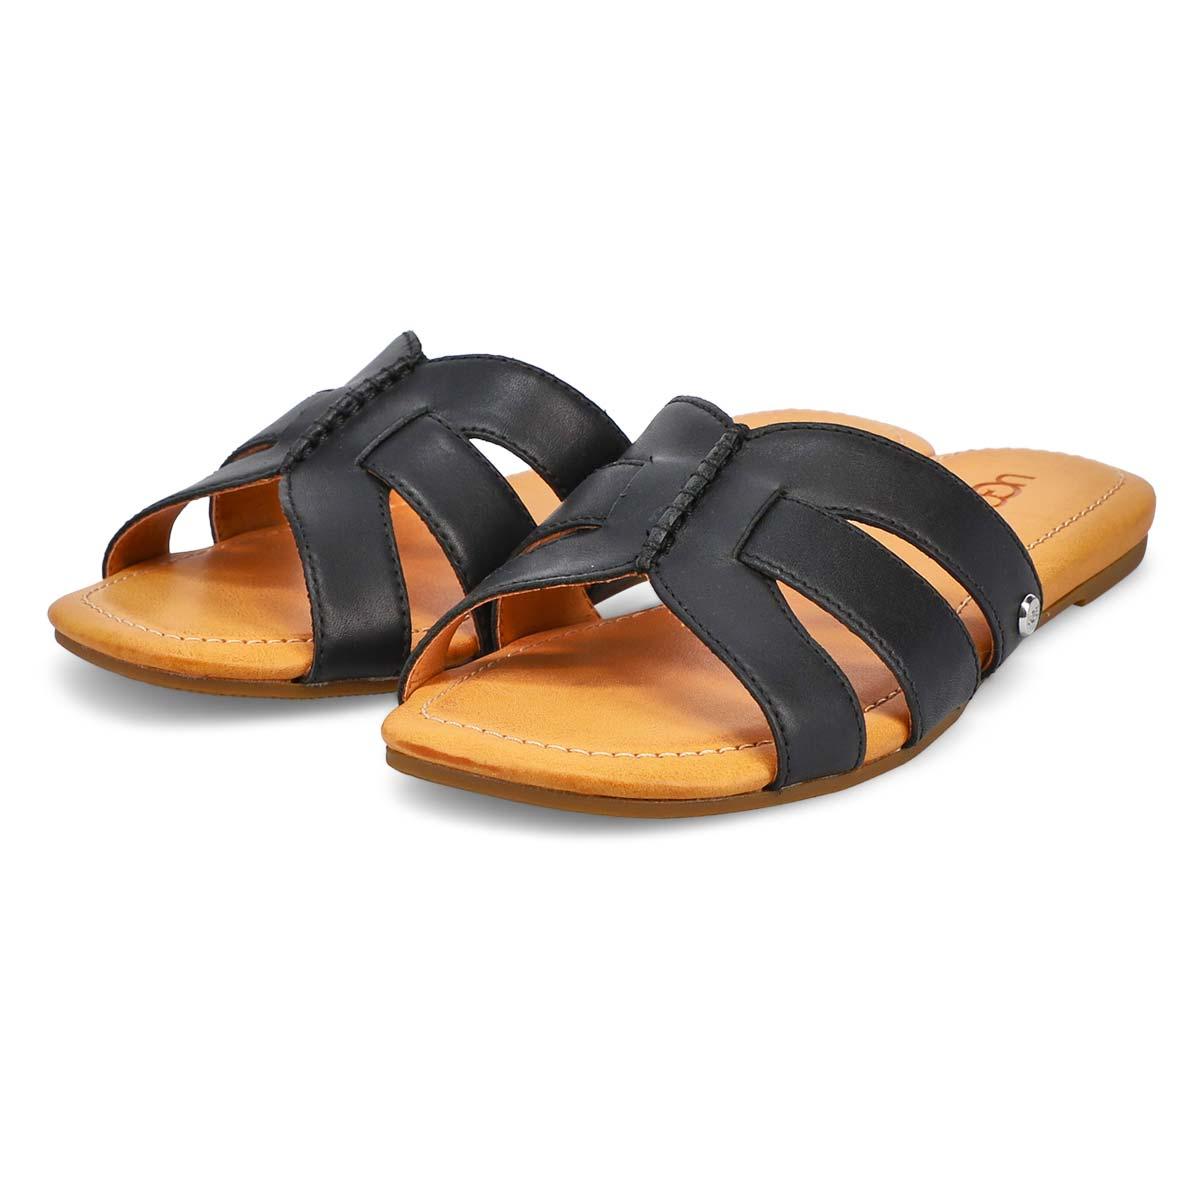 Women's Teague Slide Sandal - Black